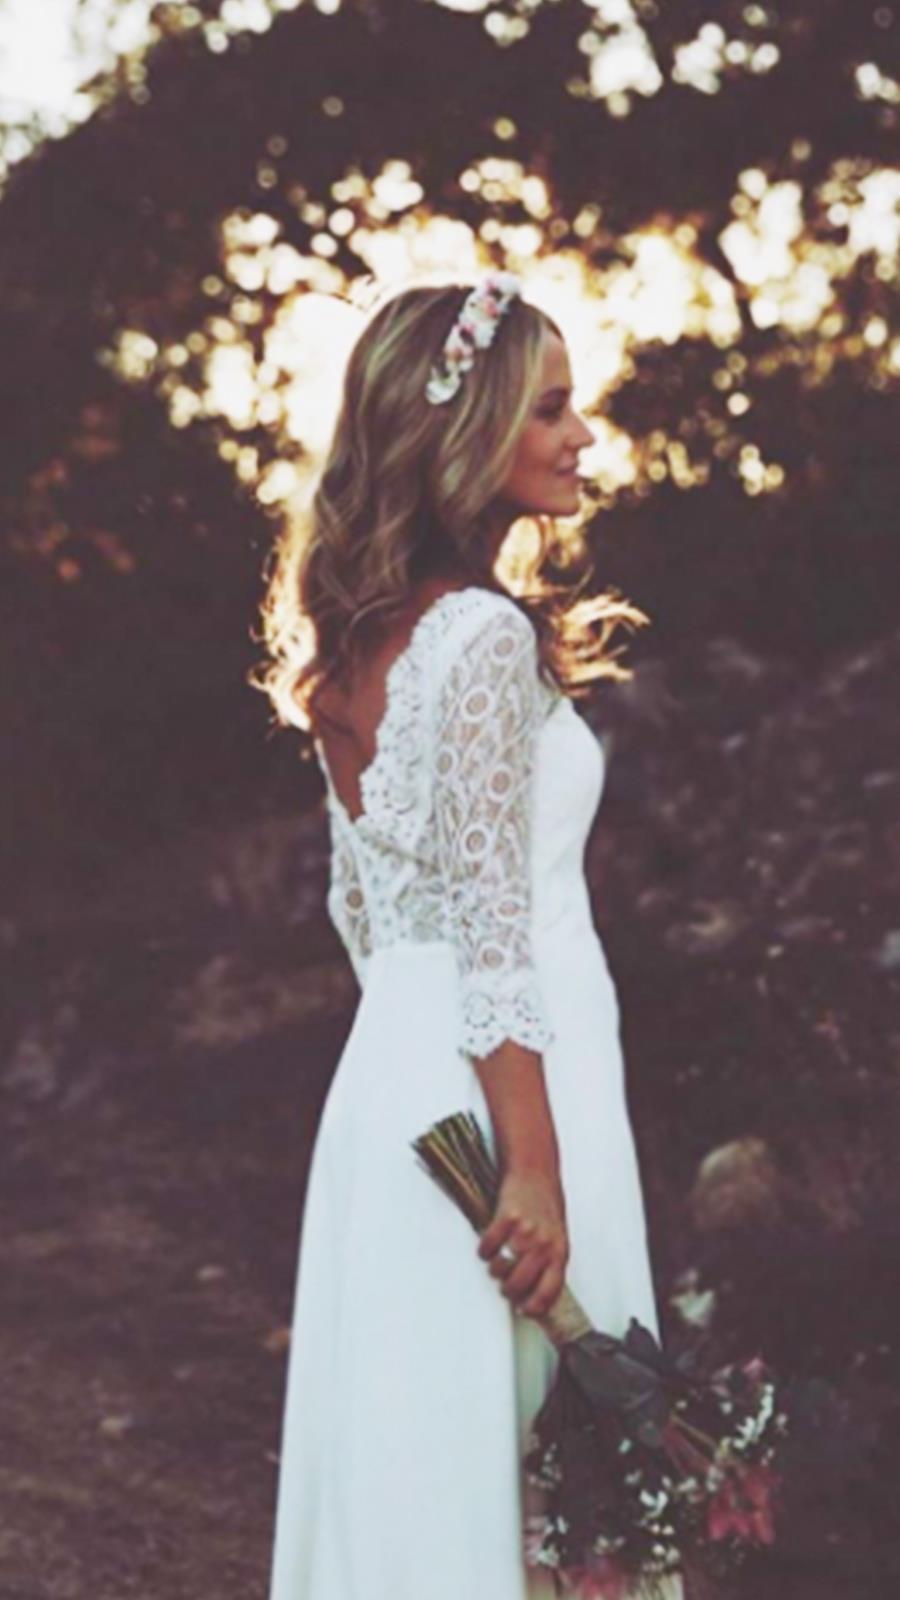 ef505afa5 Vestido de novia de segunda mano de Celebratuboda.com. Encuentra el vestido  de novia